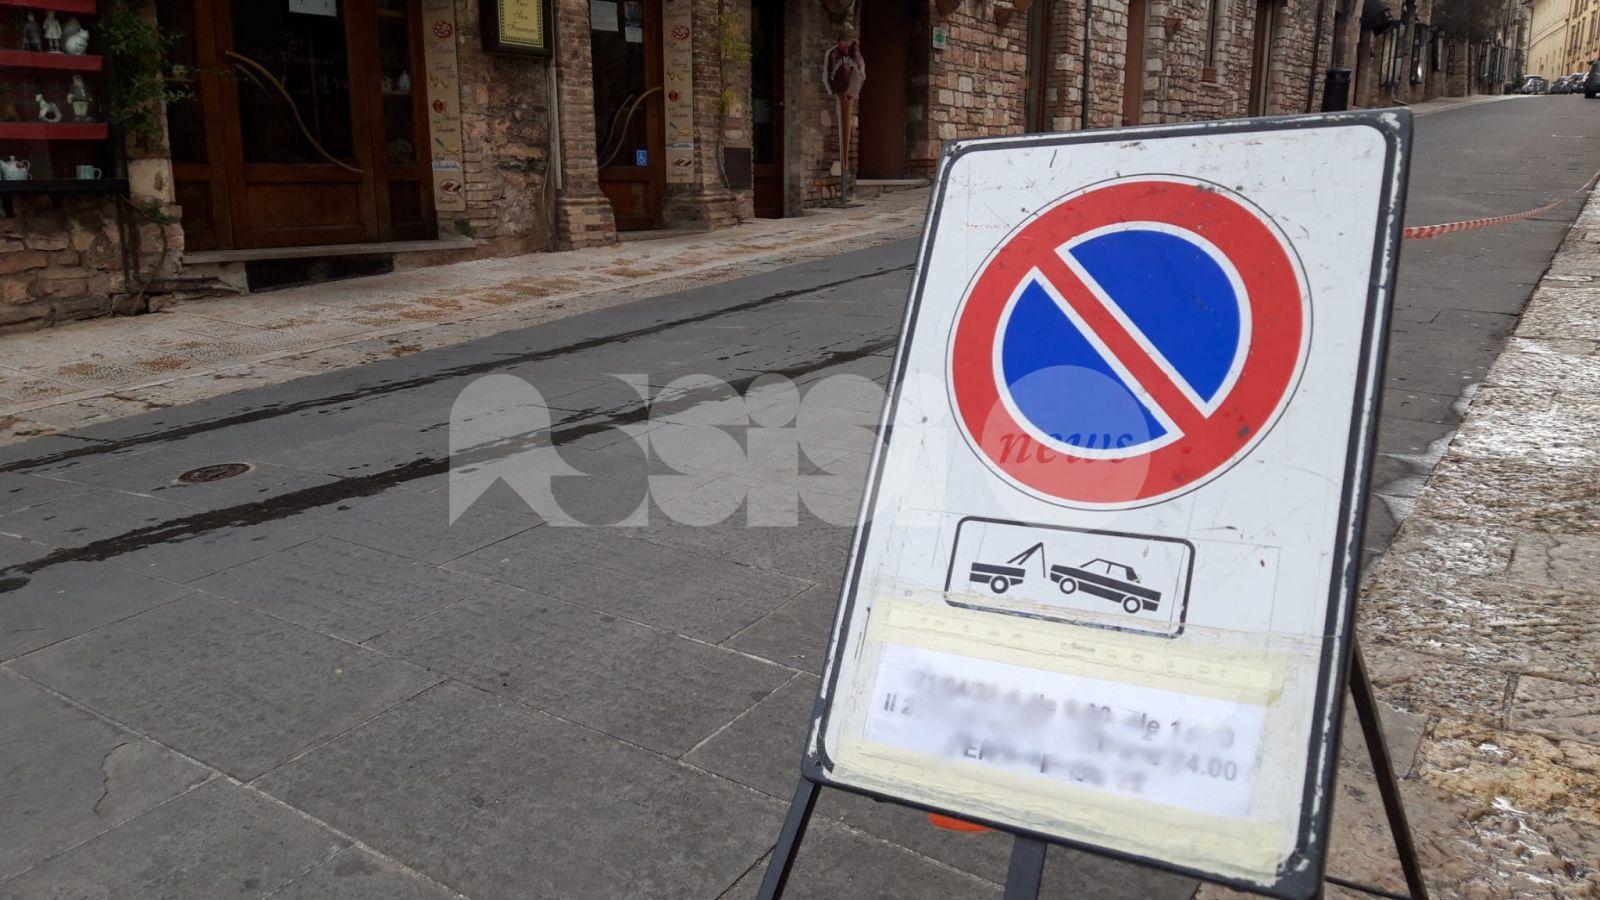 Celebrazioni Francescane 2021, come cambia la viabilità ad Assisi e Santa Maria